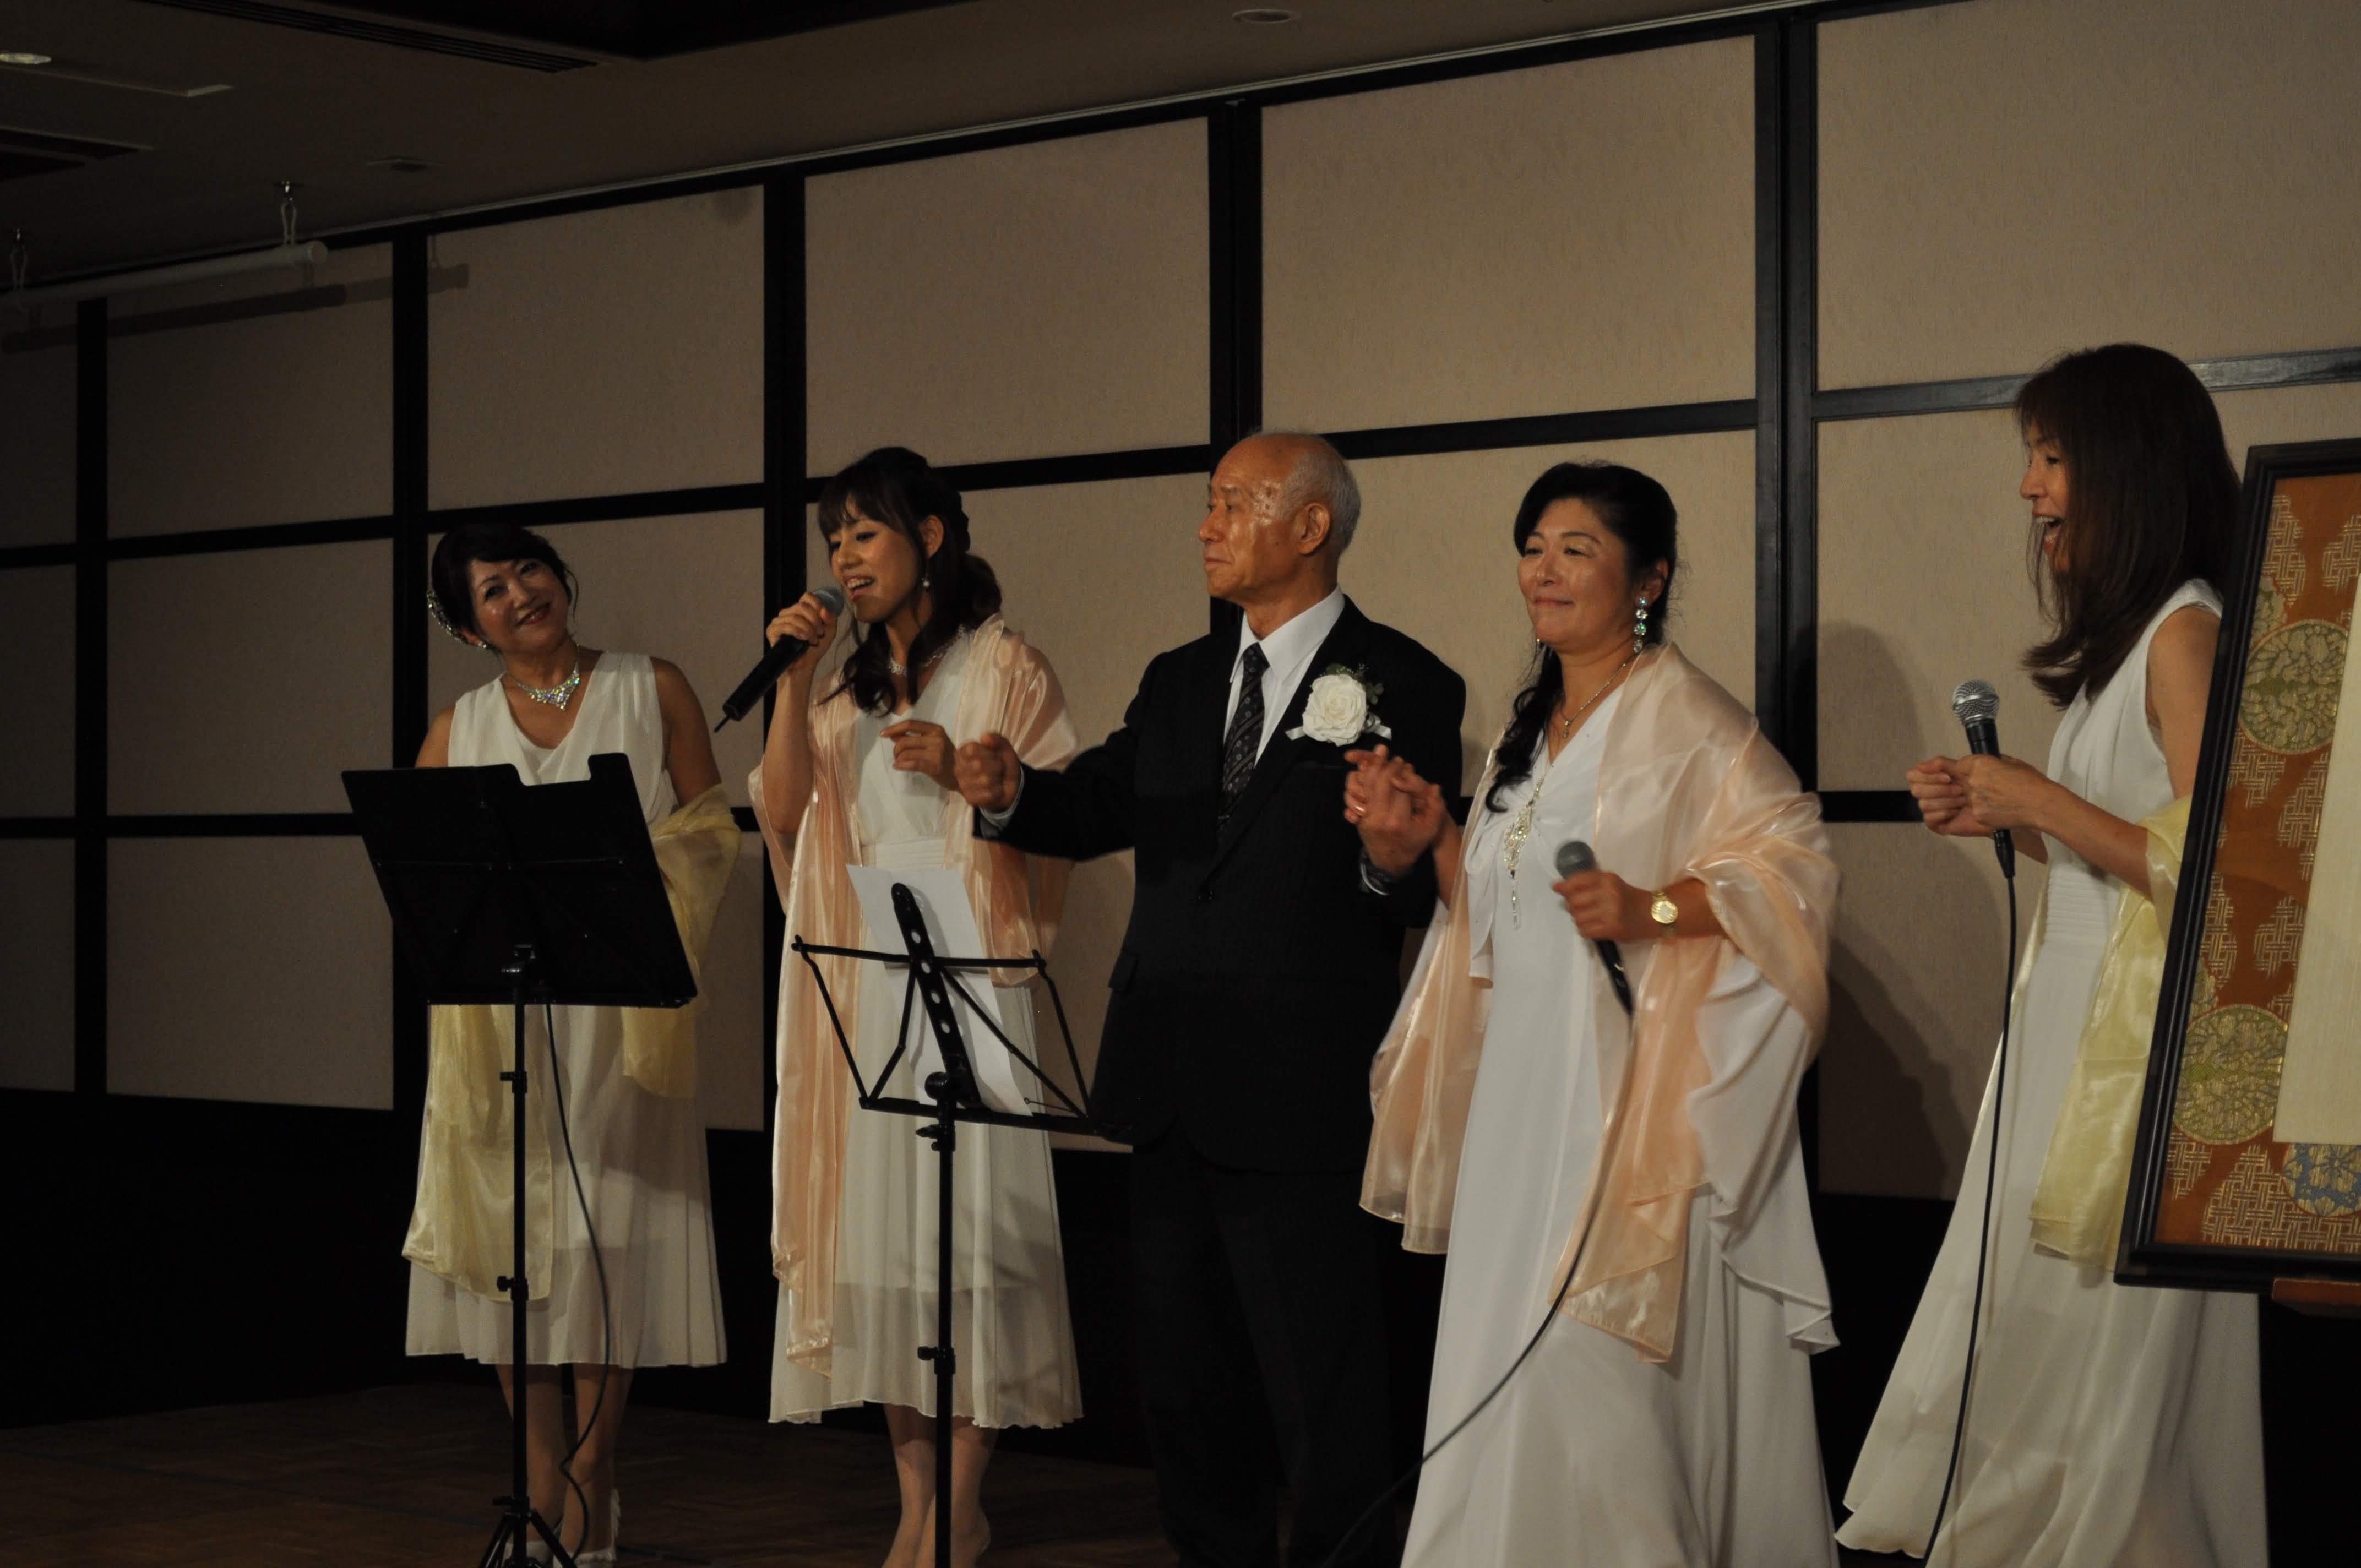 DSC 0532 1 - 思風会全国大会in広島